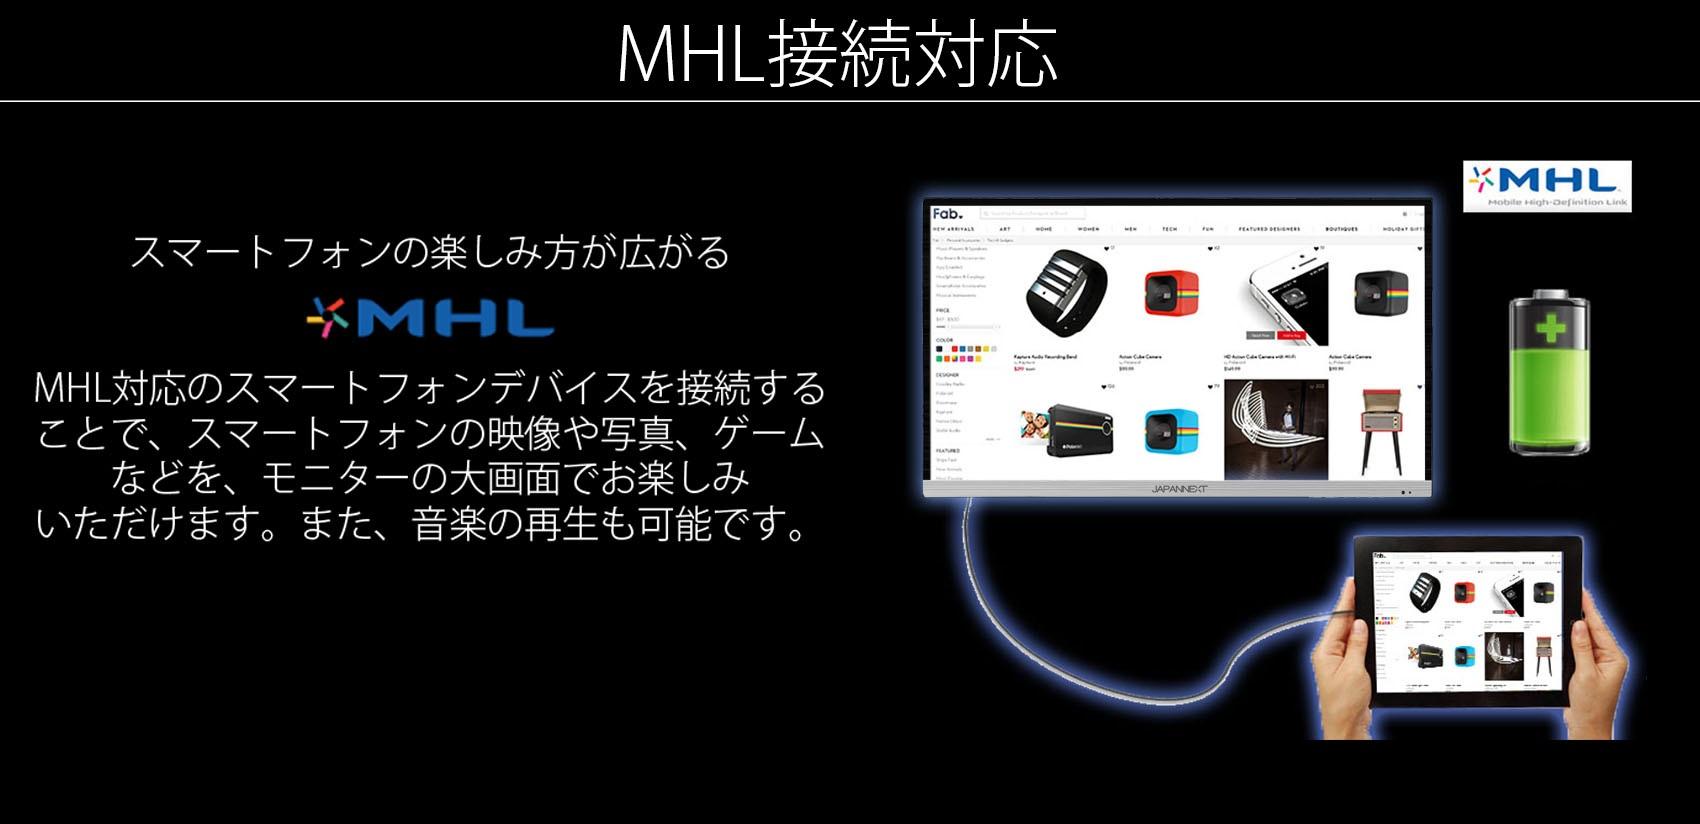 スマートフォンの楽しみ方が広がる KMHL MHL対応のスマートフォンデバイスを接続する ことで、スマートフォンの映像や写真、ゲーム * などを、モニターの大画面でお楽しみ」 いただけます。また、音楽の再生も可能です。